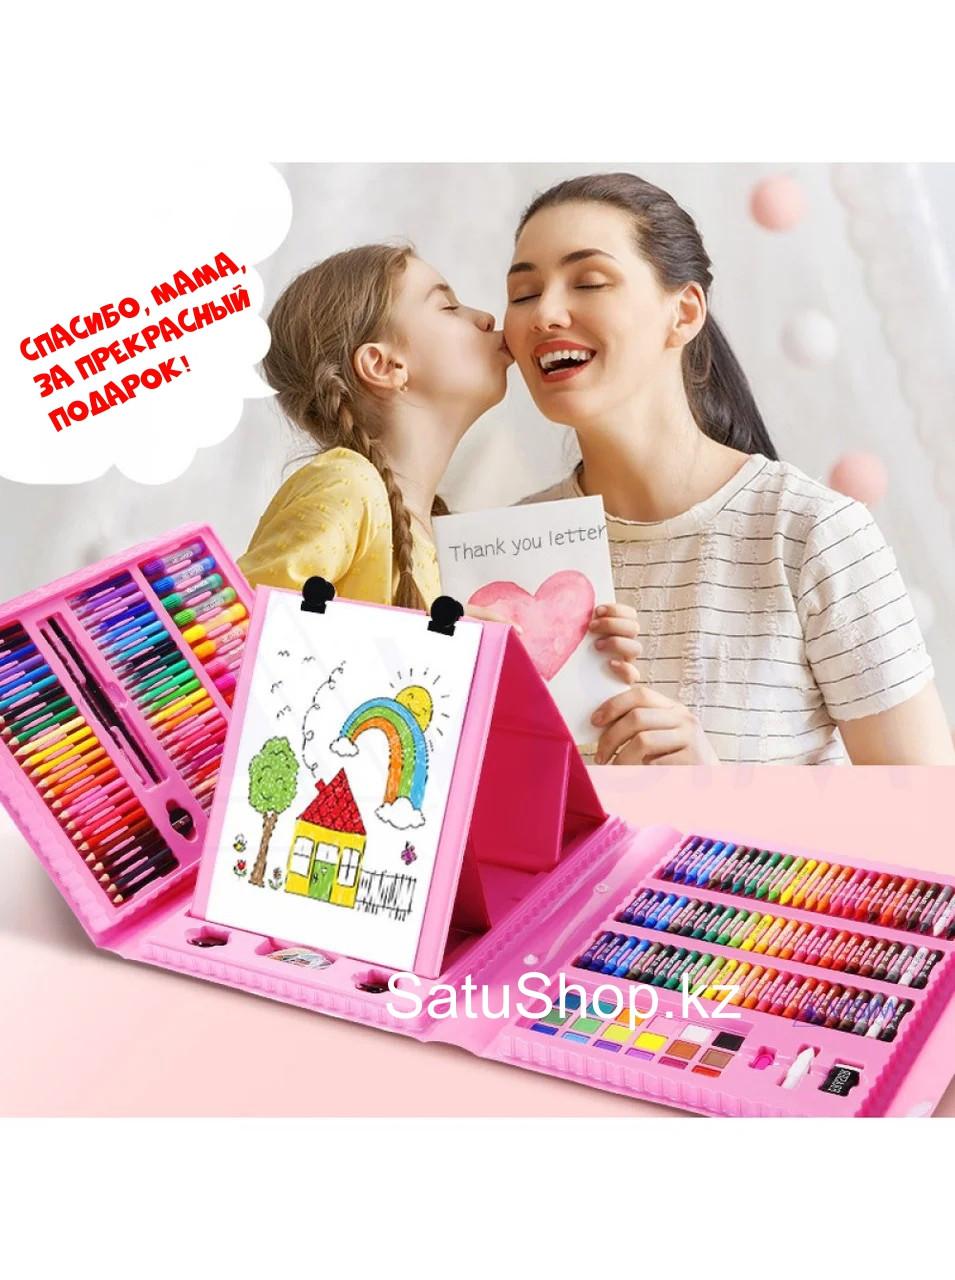 Художественный набор для рисования РАСКРАСКИ в Подарок мольберт 208 предметов